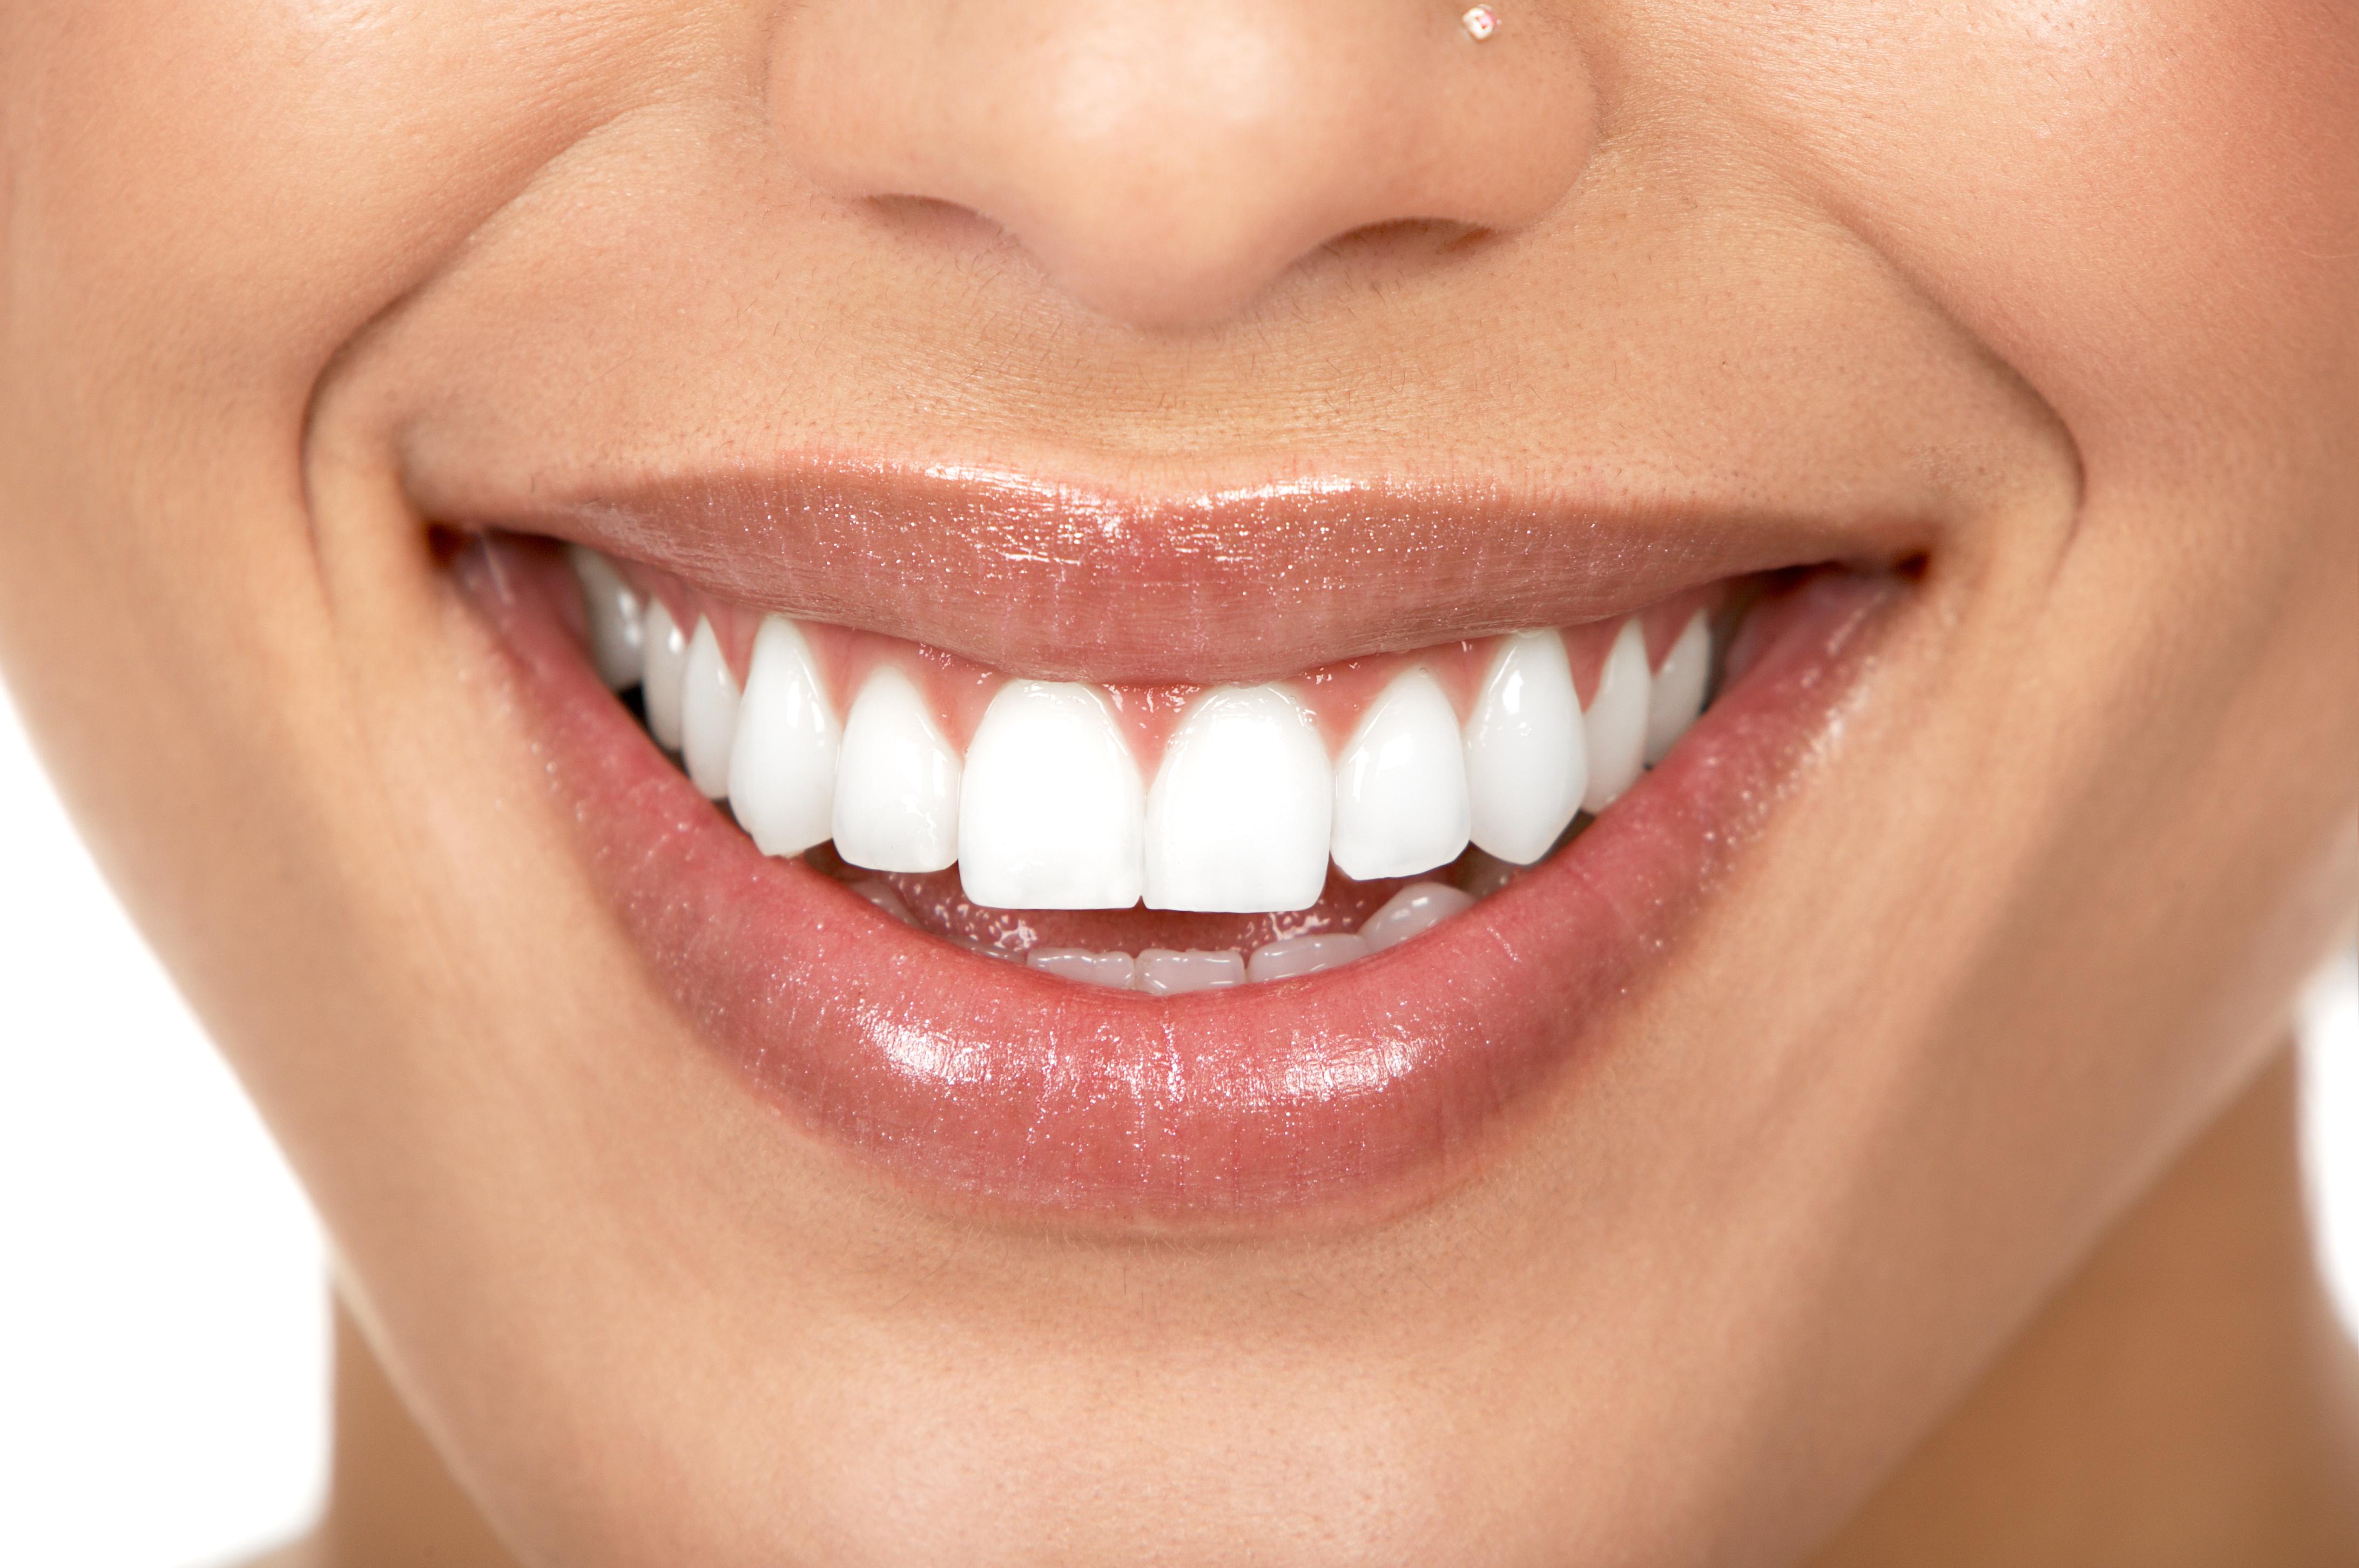 Come avere un bel sorriso, l'importanza dell'igiene orale